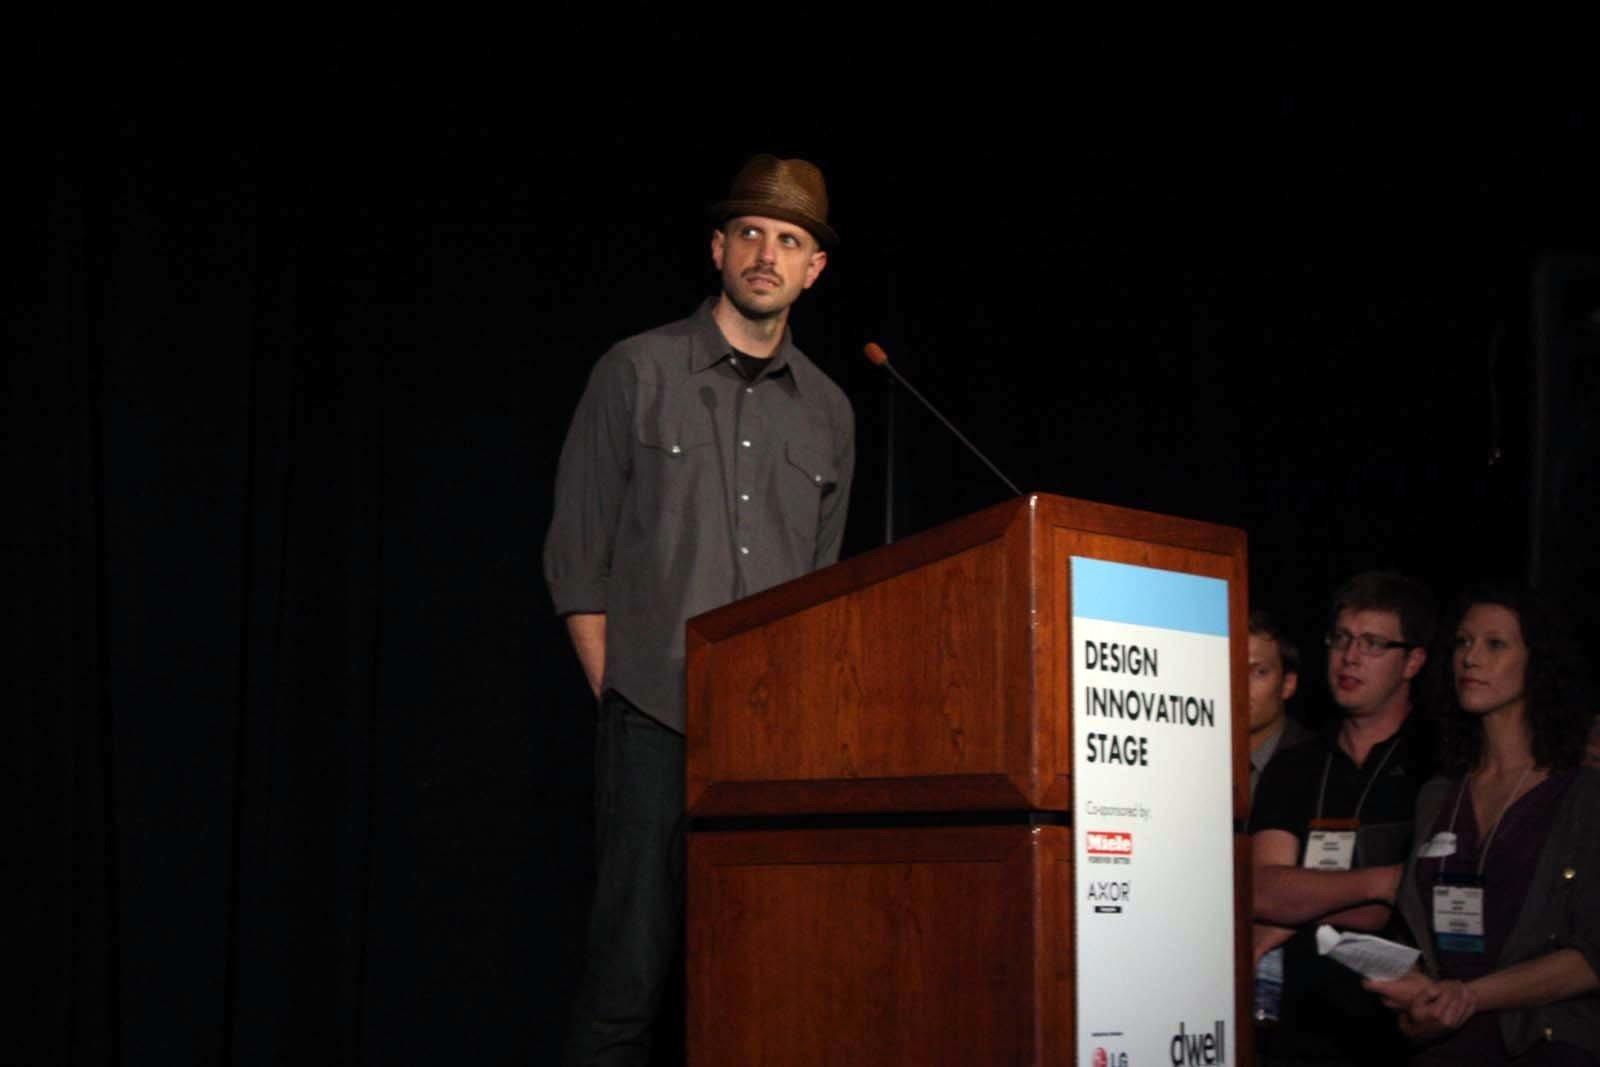 Tom De Blasis presents the Gamechanger Bucket.  Photo 1 of 7 in From the Show Floor: Pecha Kucha